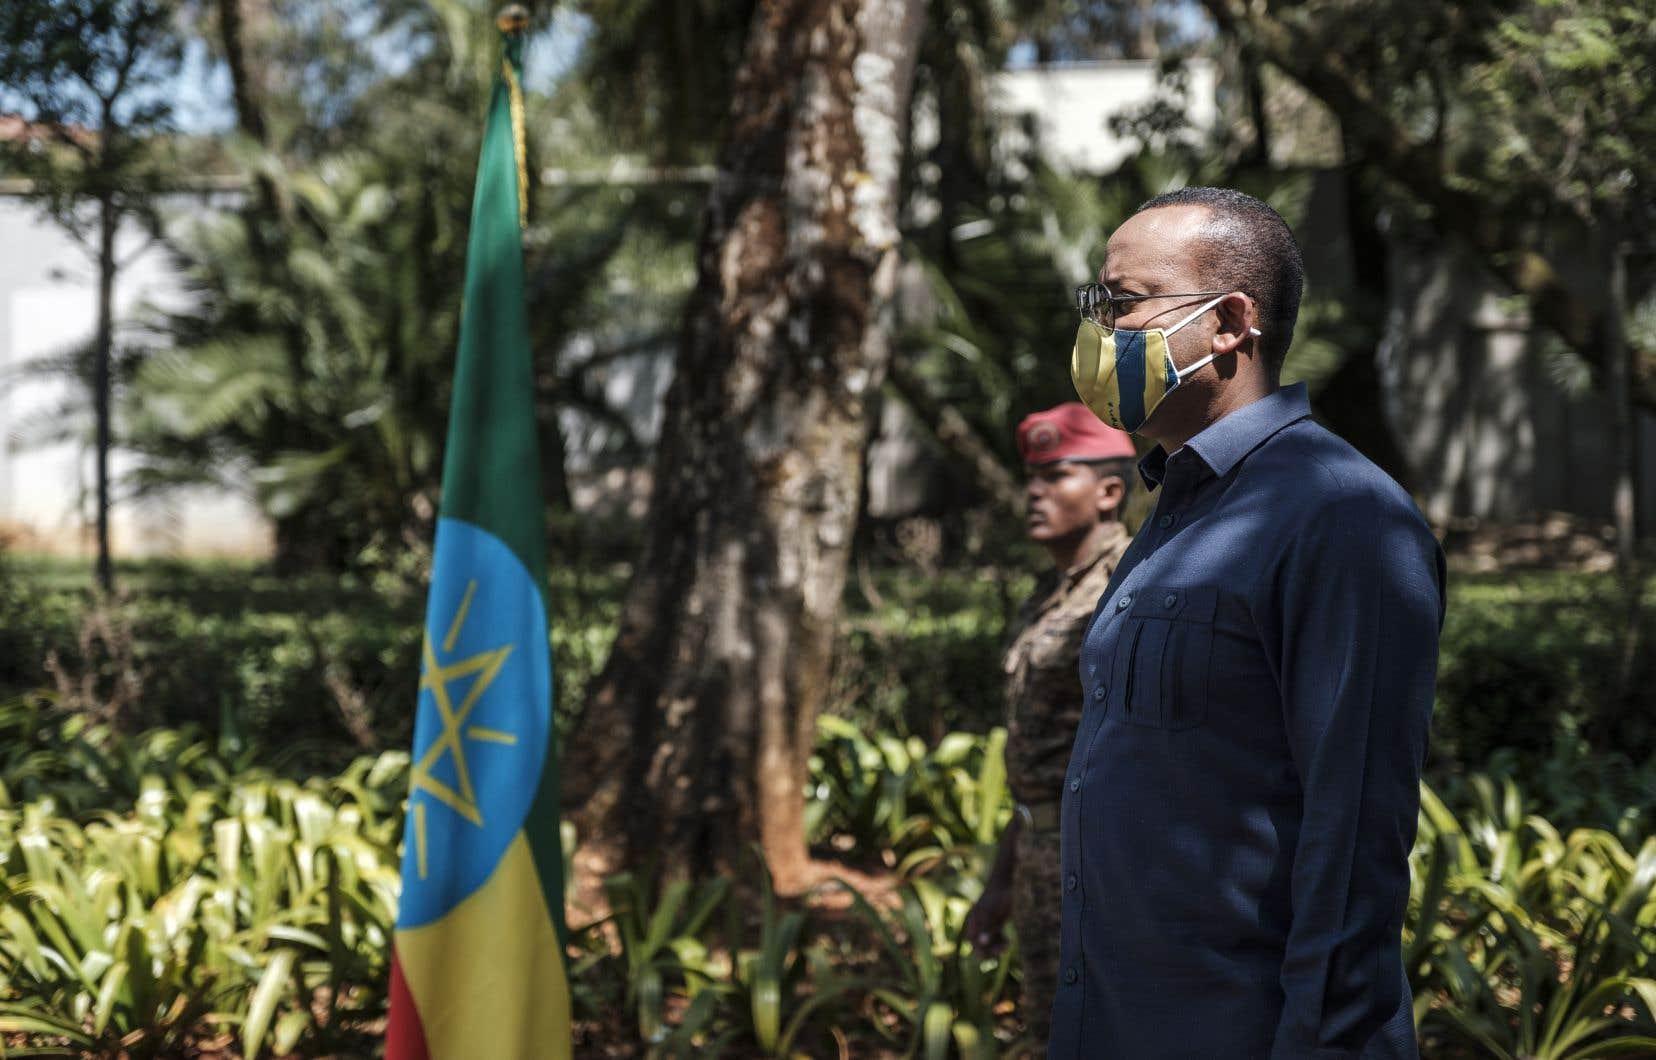 «Le gouvernement fédéral a maintenant pris le contrôle total de la ville de Mekele», a déclaré Abiy Ahmed dans un communiqué posté sur Twitter. Sur la photo, on le voit le 17 novembre 2020 à un évènement pour honorer les forces armées éthiopiennes.